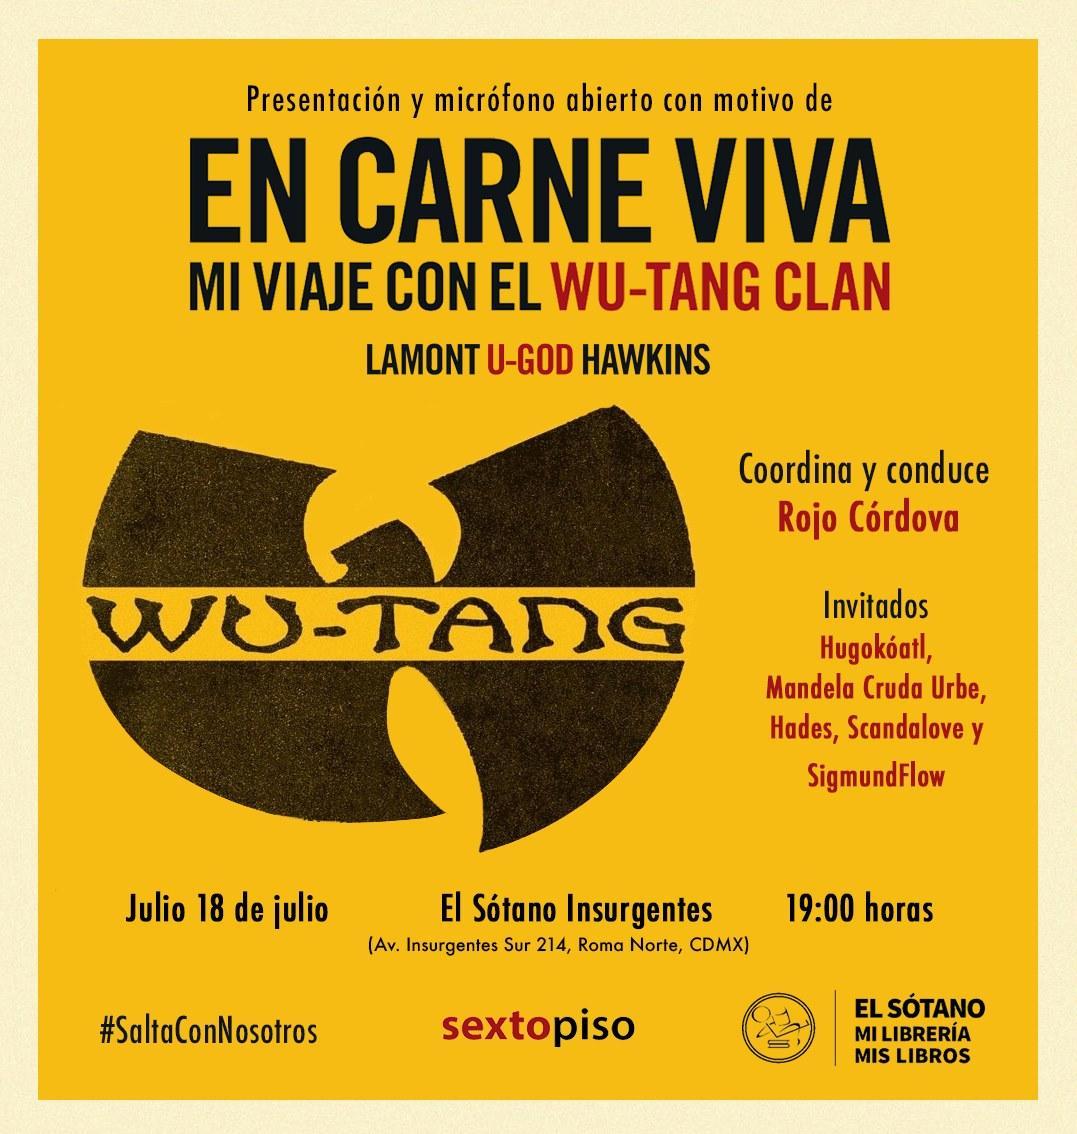 ¡El jueves presentamos «En carne mi viaje con el @WuTangClan» con micrófono abierto! 🎤🎧✨ Los esperamos a las 7:00 pm en @elsotanolibros Insurgentes. Coordina y conduce: @rojocordovahttps://www.facebook.com/events/332779354277685/… #SaltaConNosotros